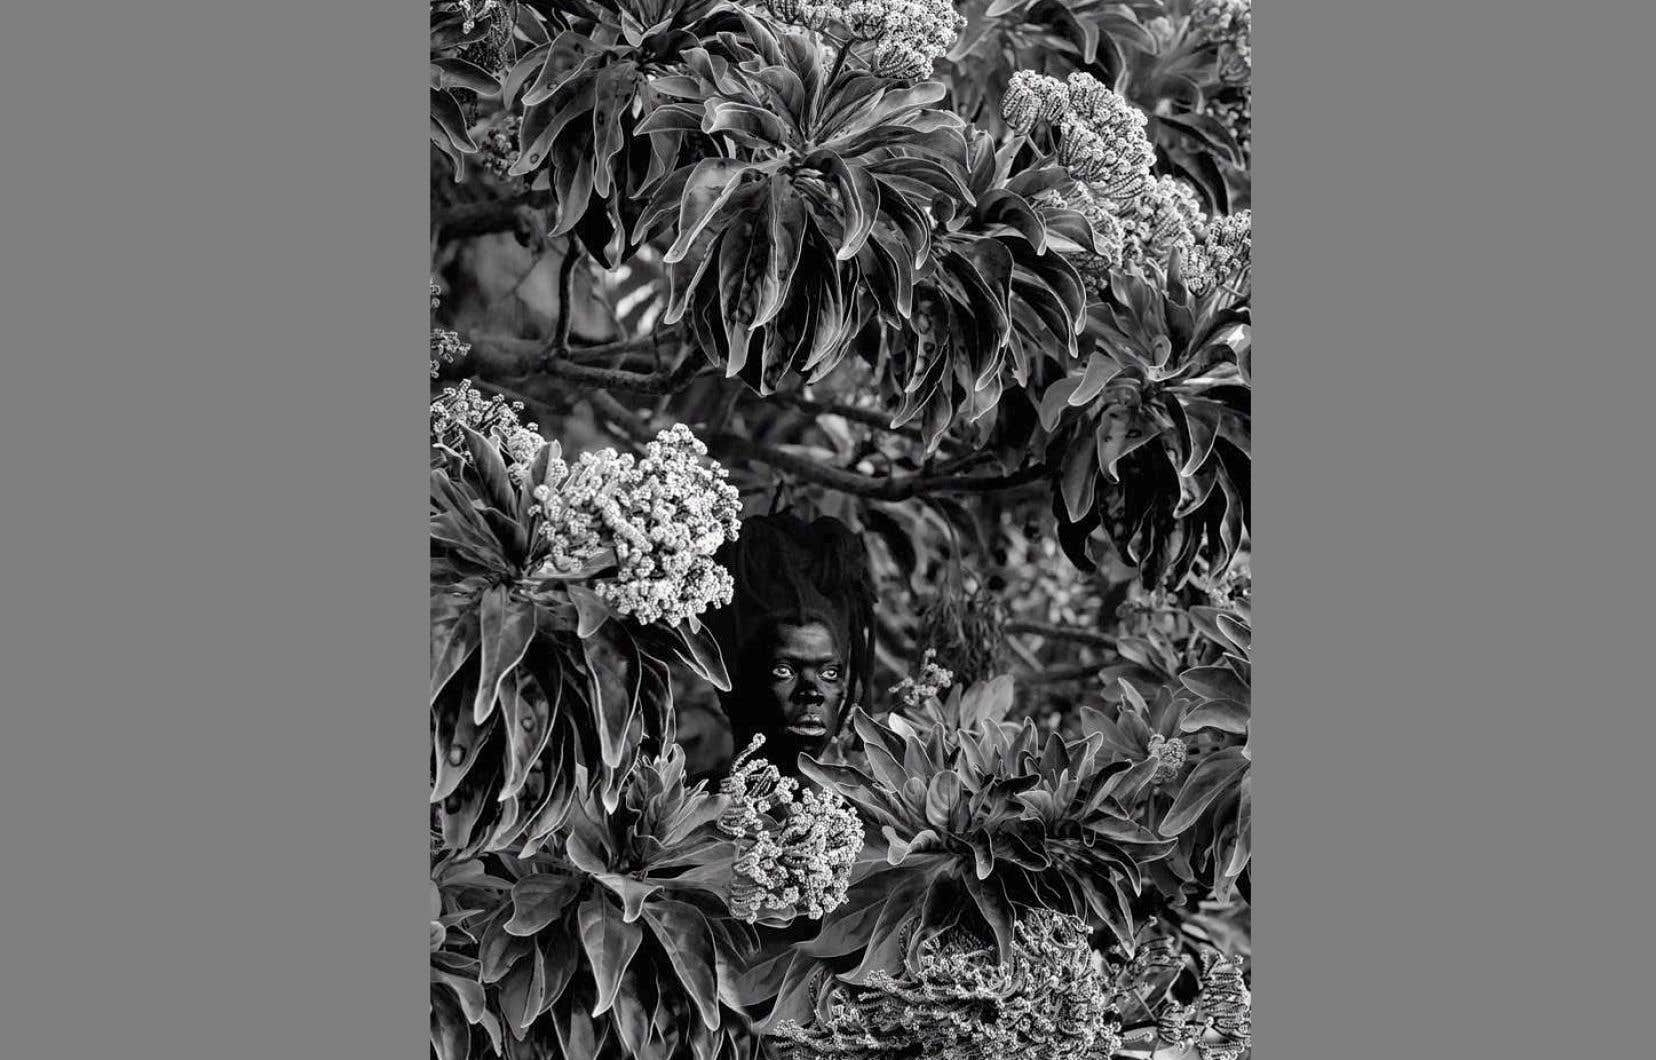 La nouvelle exposition rassemble les oeuvres récemment acquises par le musée, dont <em>Qhamukile, Mauritius</em> (2019).